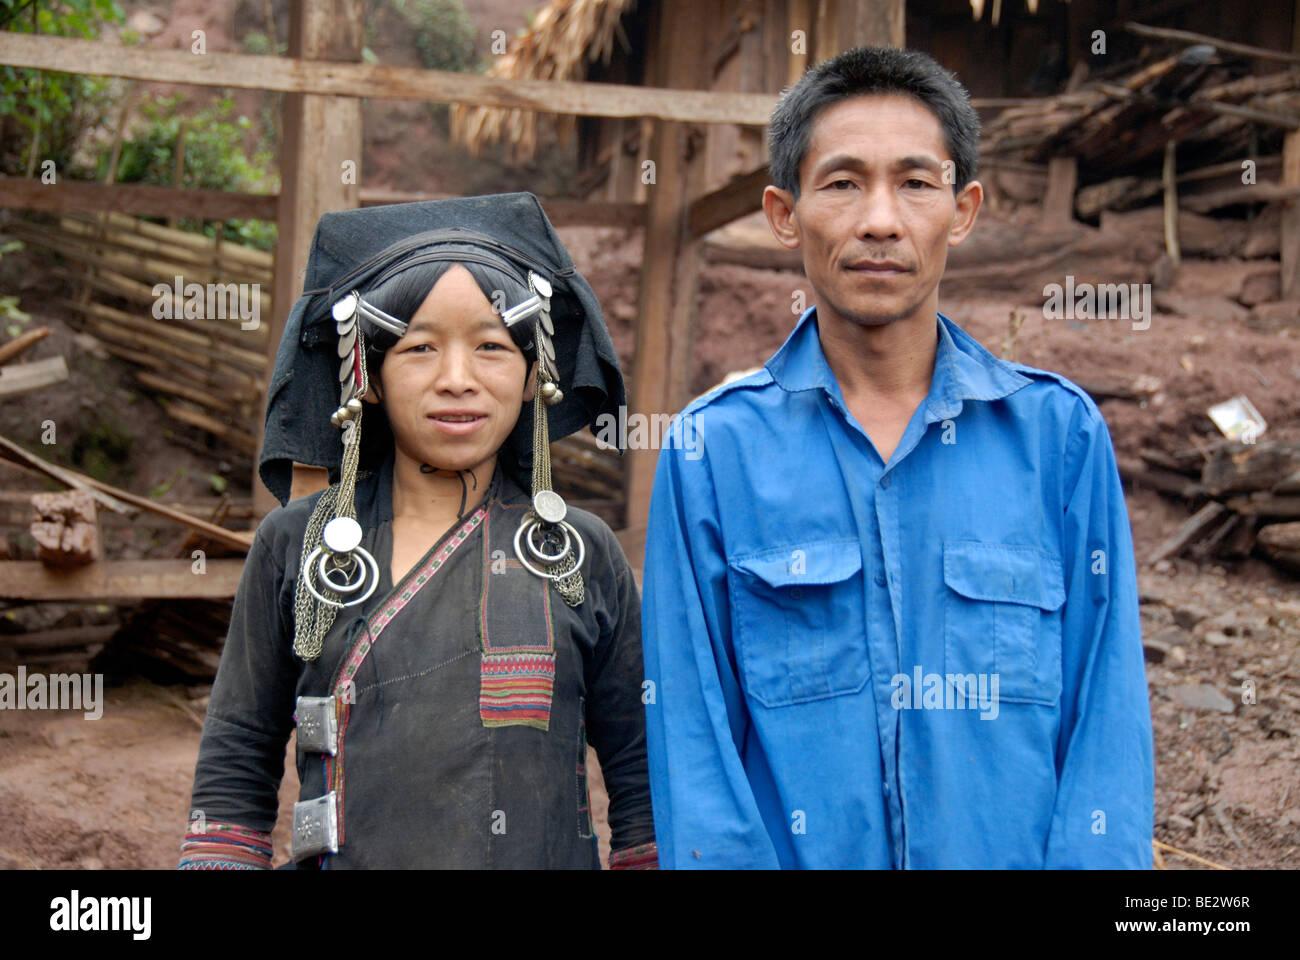 Porträt, Anthropologie, paar, Frau und Mann der ethnischen Gruppe der Akha Pixor, Frau tragen traditionelle Stockbild